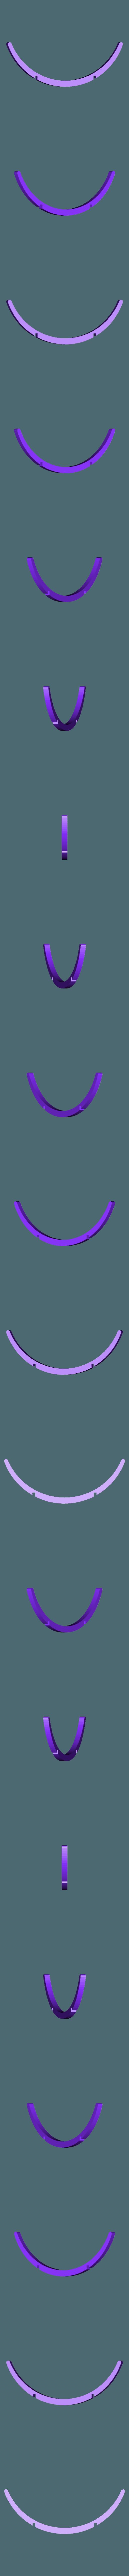 Bowl_12.stl Télécharger fichier STL gratuit Remix de bol de fruits pour l'impression 3D • Plan imprimable en 3D, tylerebowers